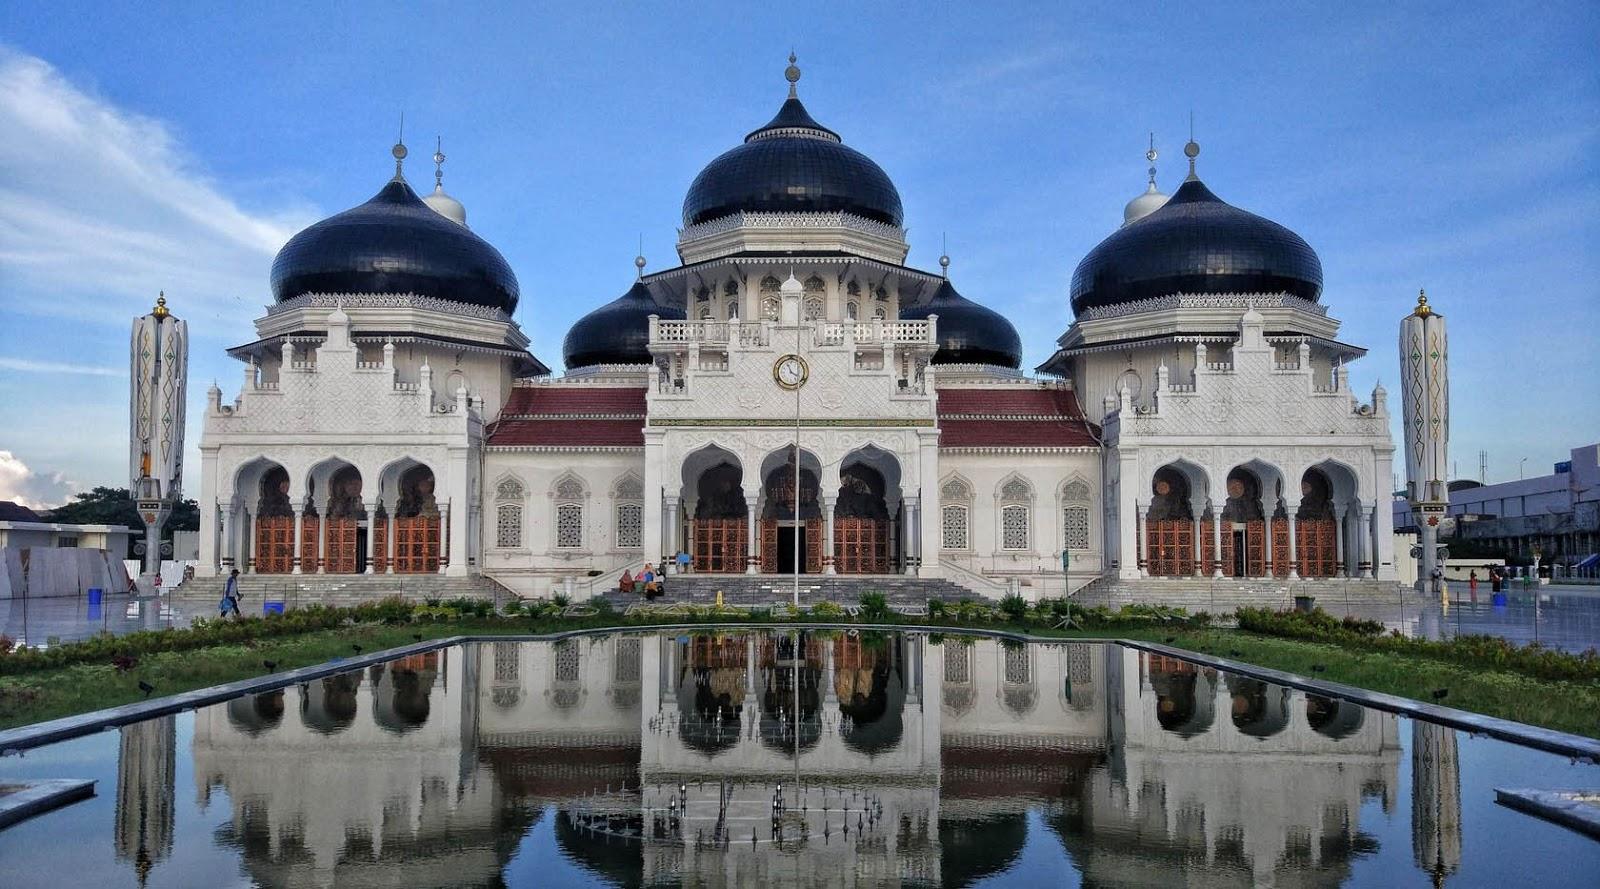 fotografi lansdcape Masjid Mautirahman long eksposure